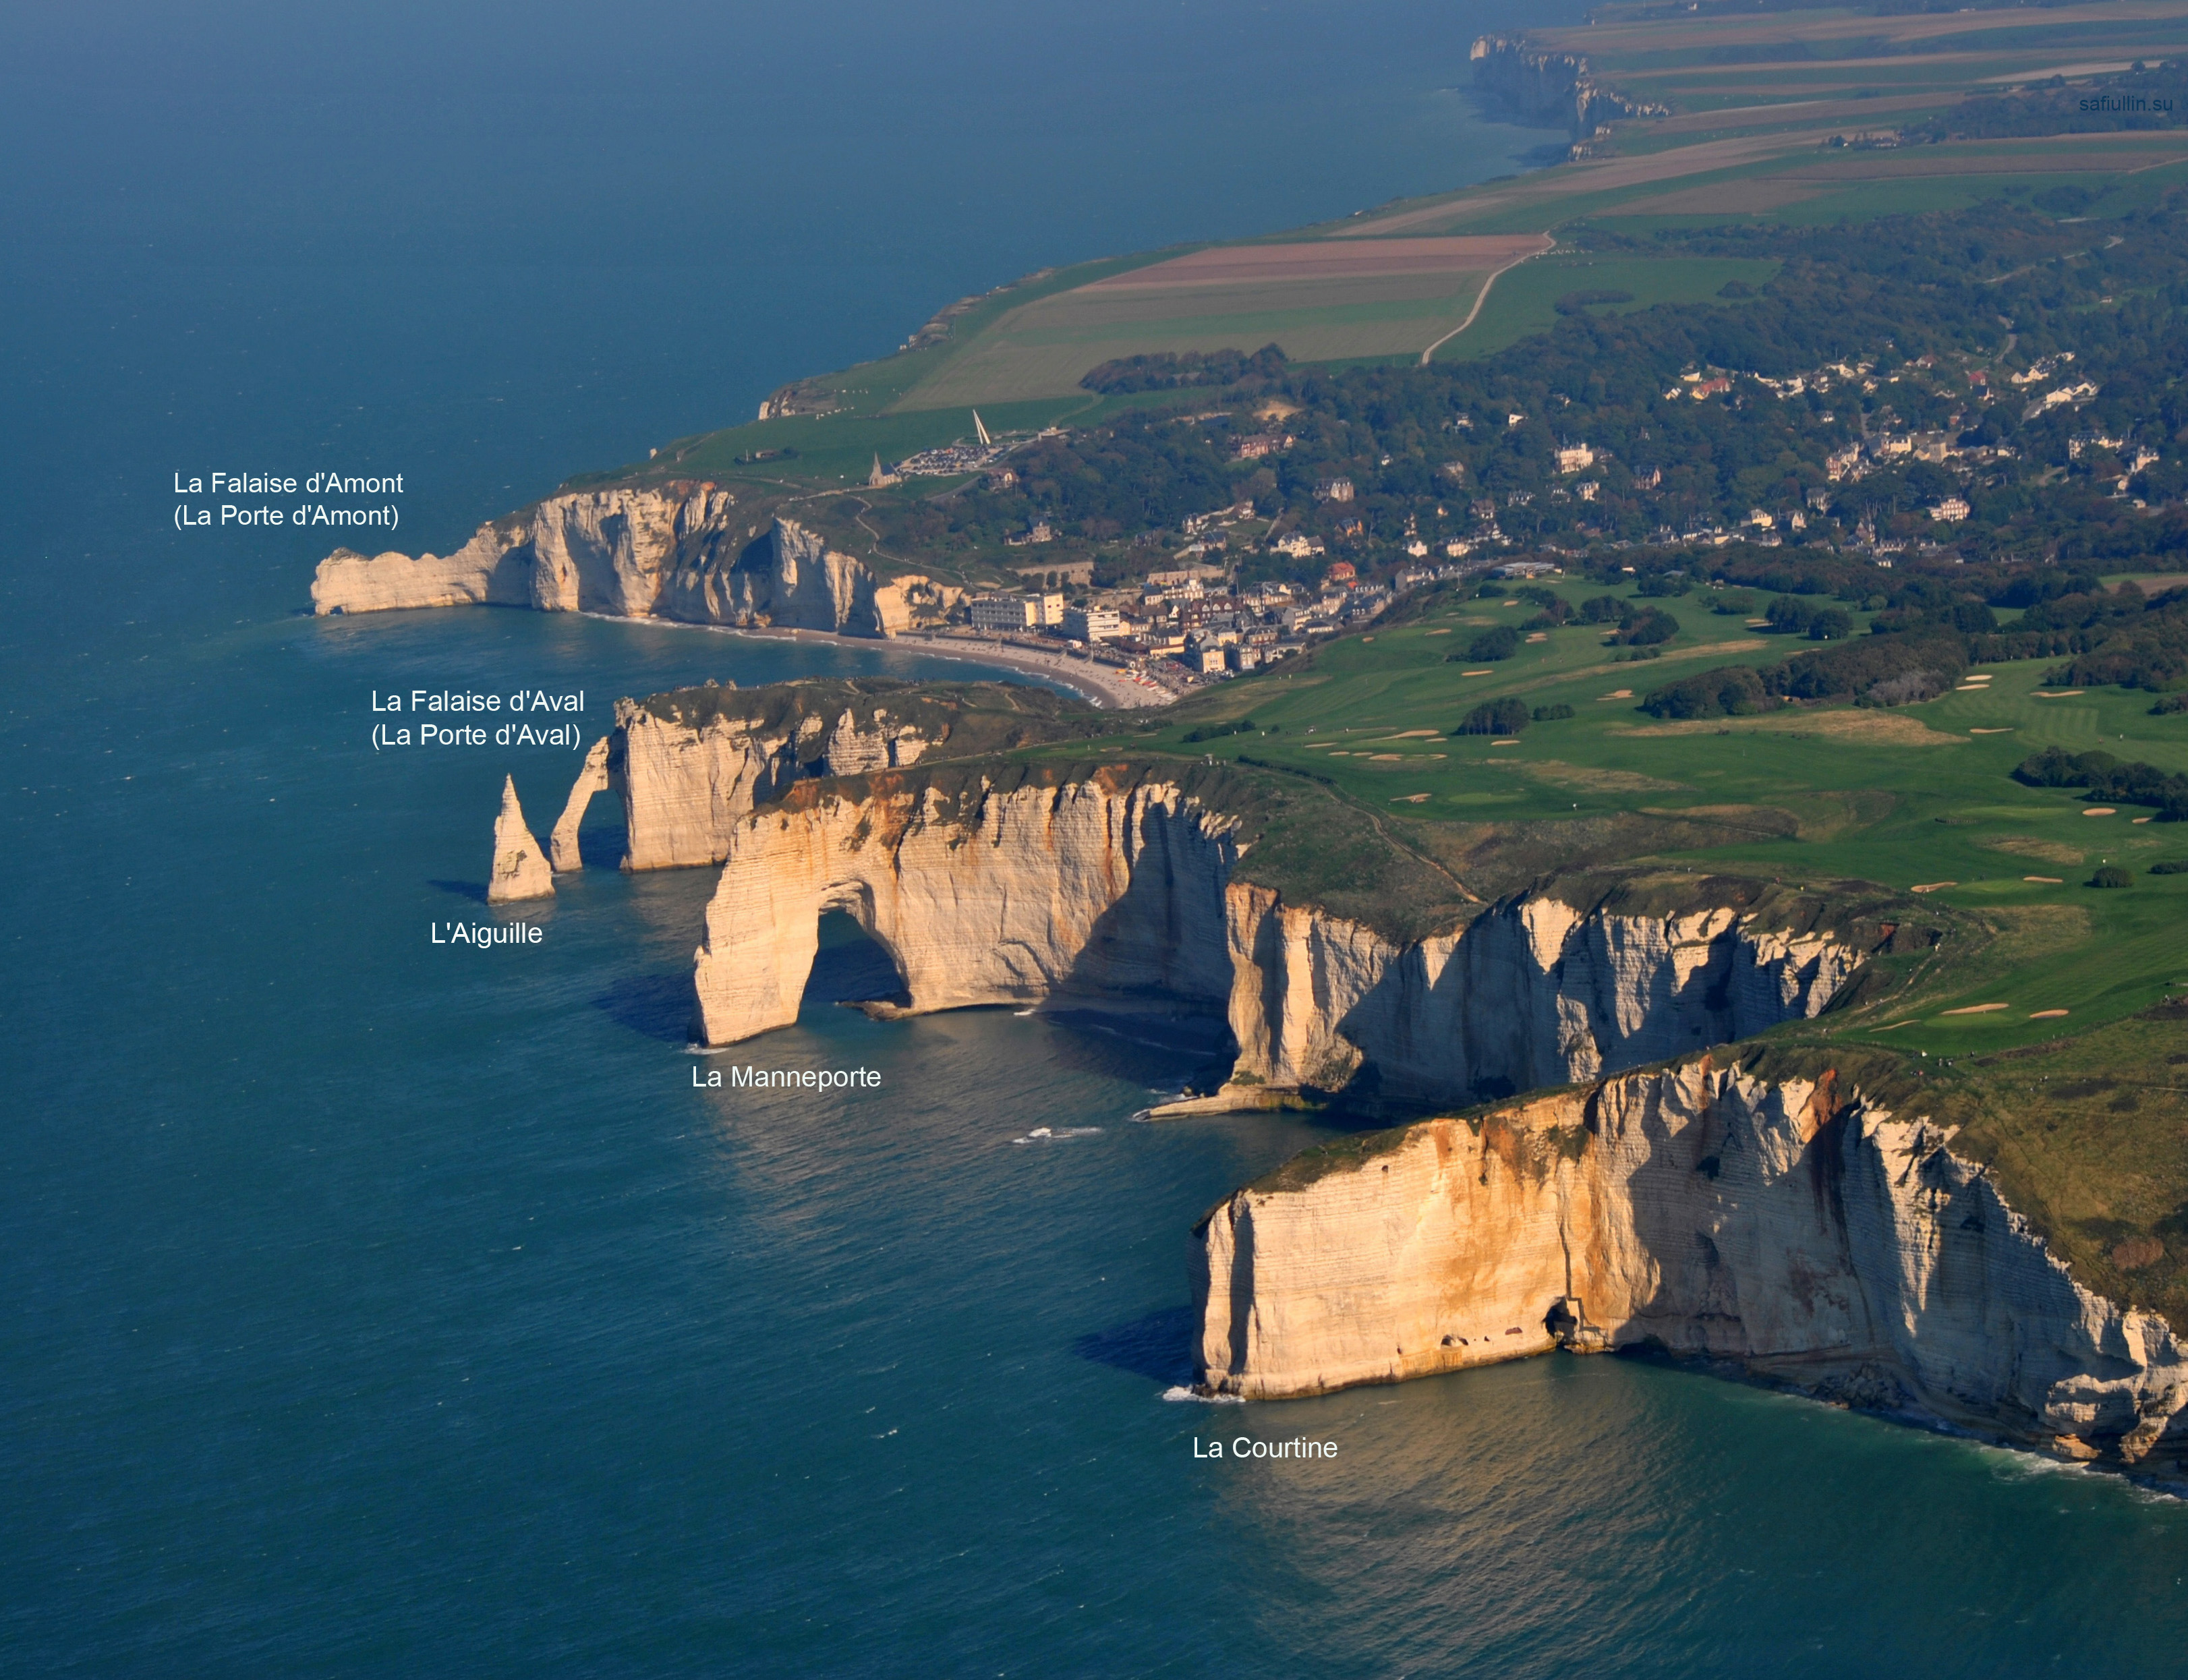 Утесы Скалы Этрета falaise cliffs Etretat Нормандия пейзажи природы Альберт Сафиуллин